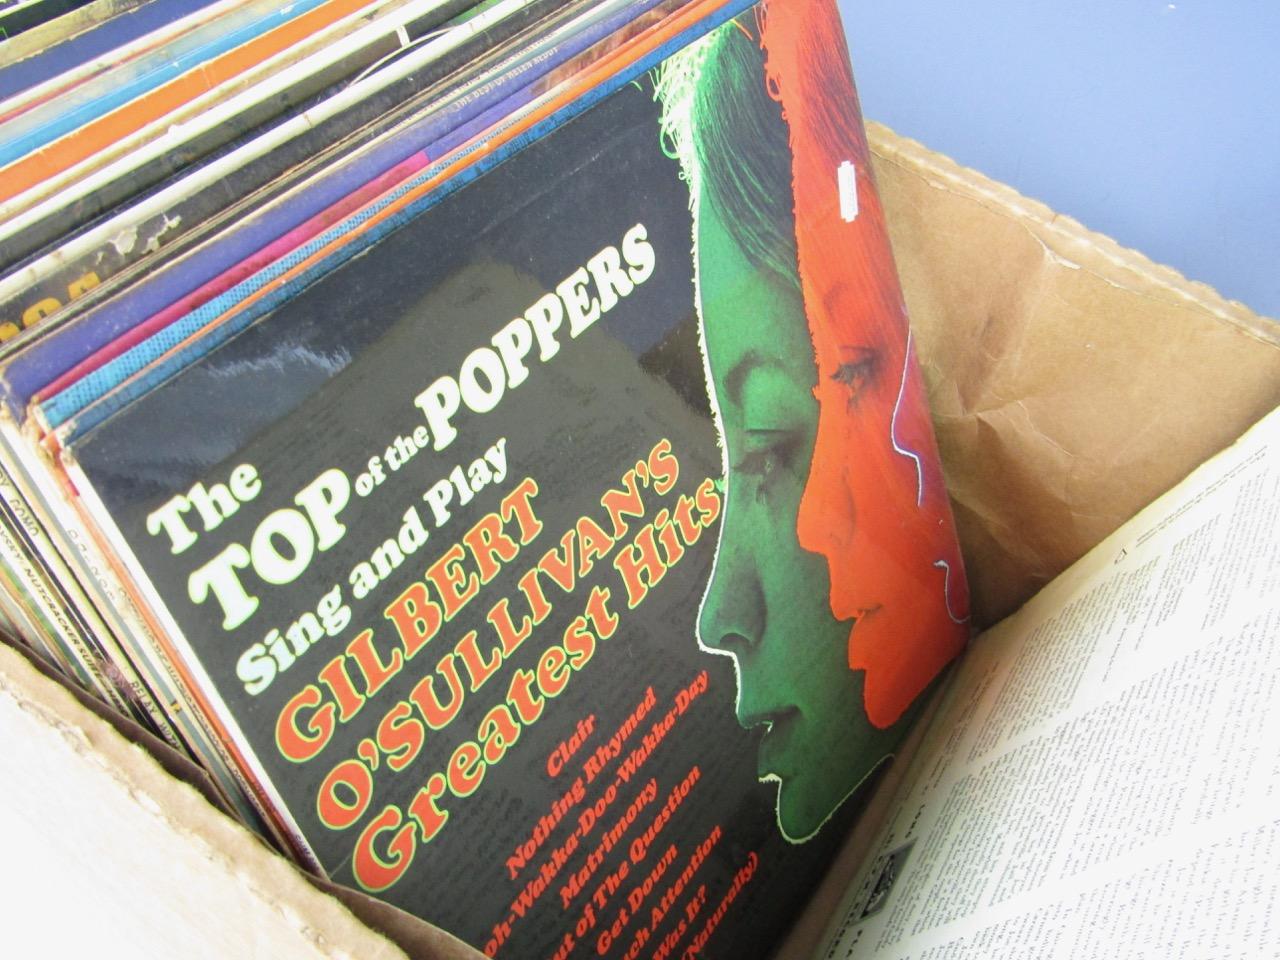 Lot 45 - A quantity of LP records